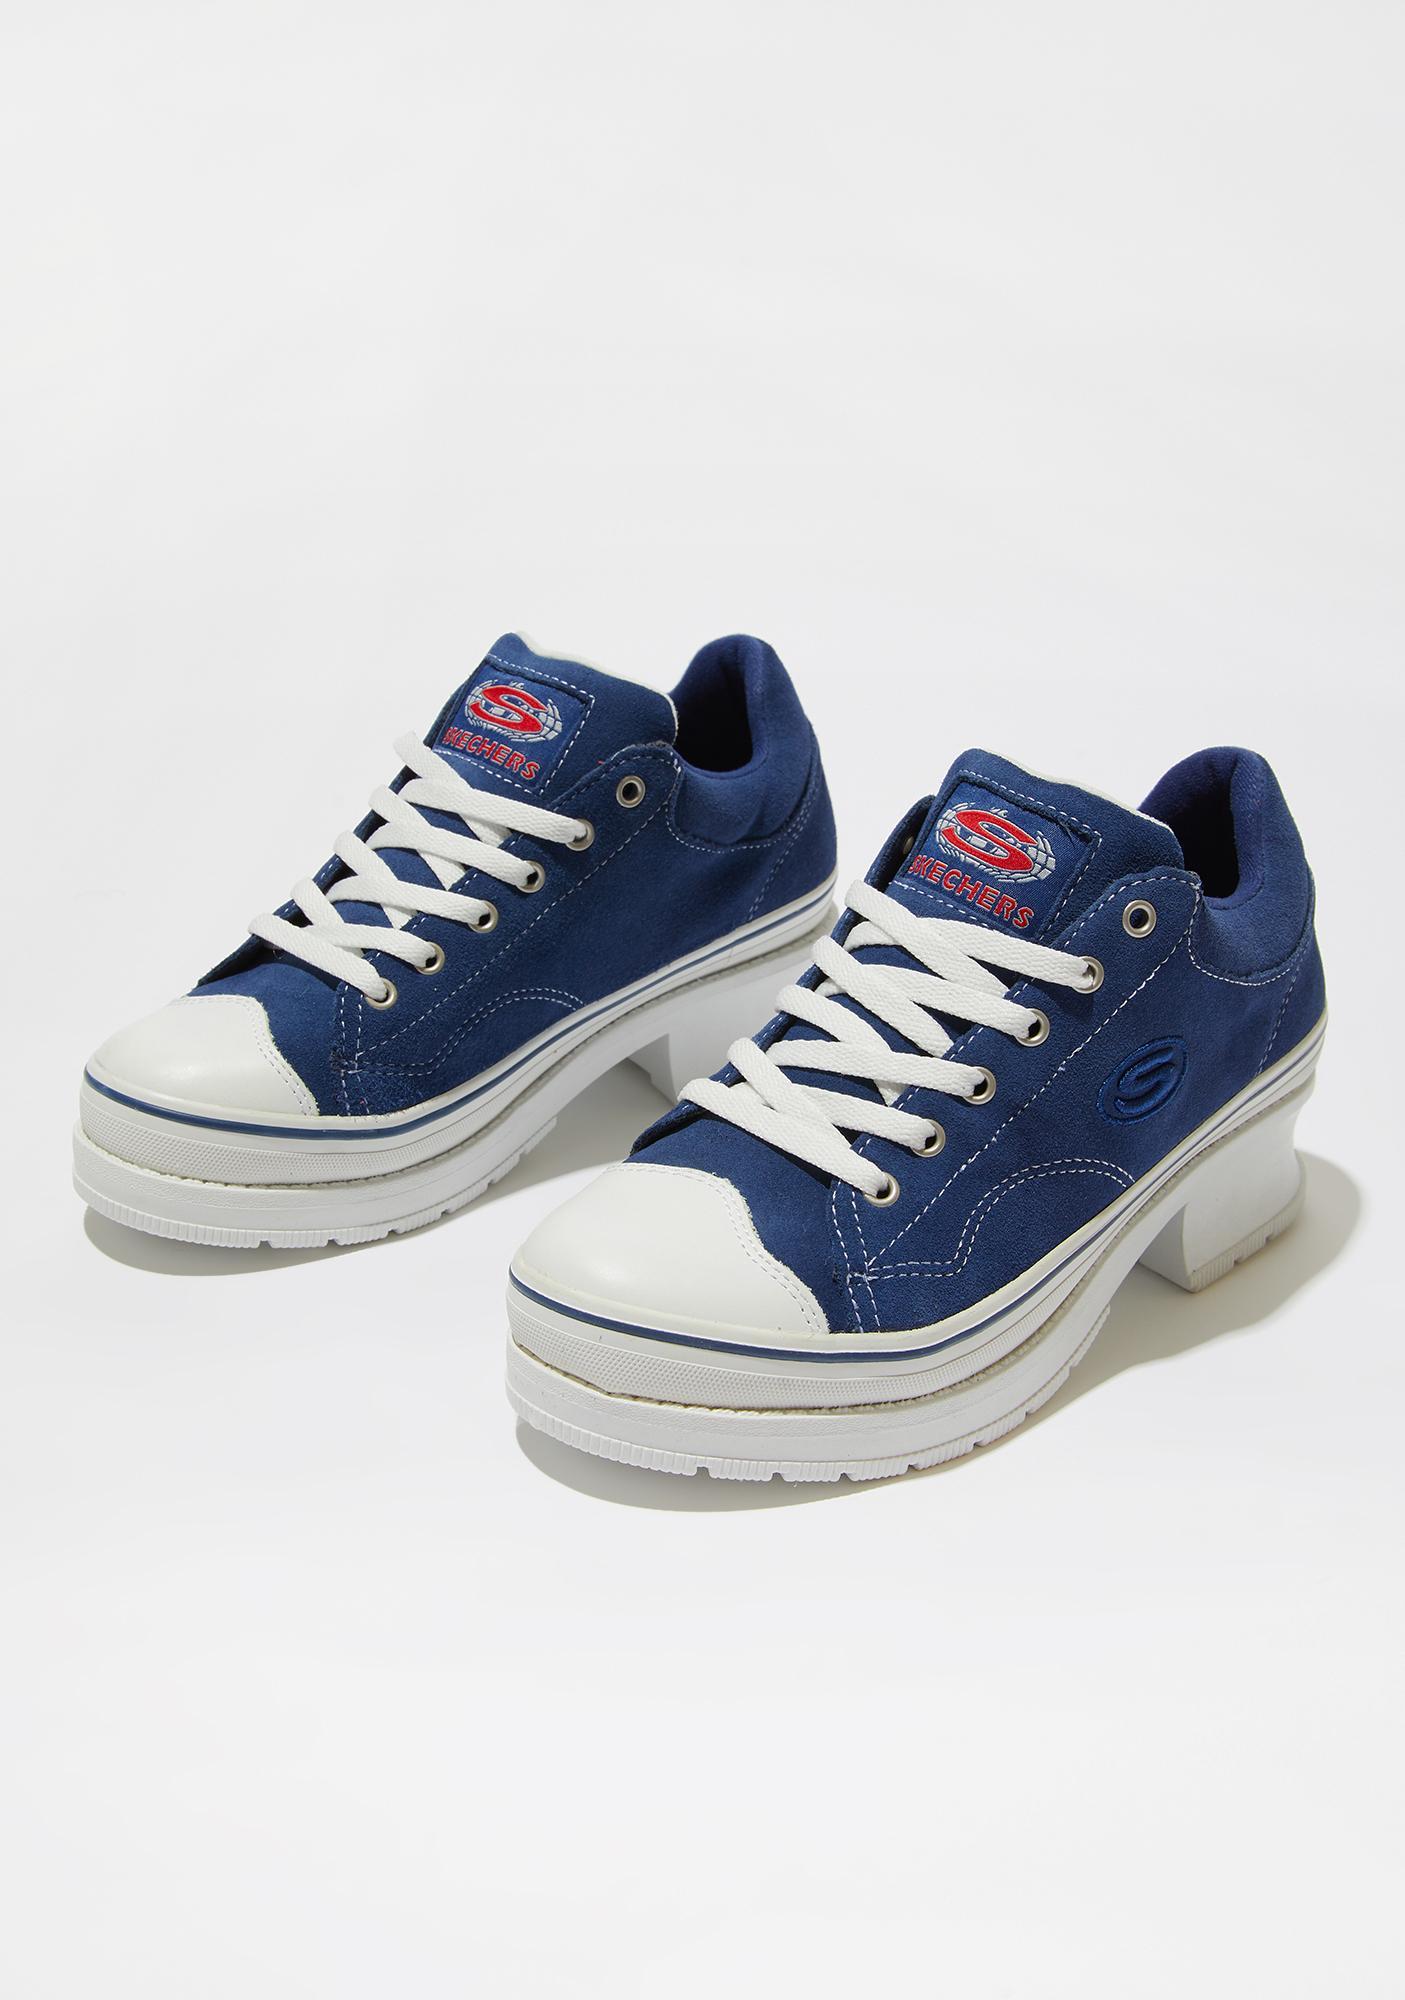 Skechers Navy Softy Heartbeats Sneakers